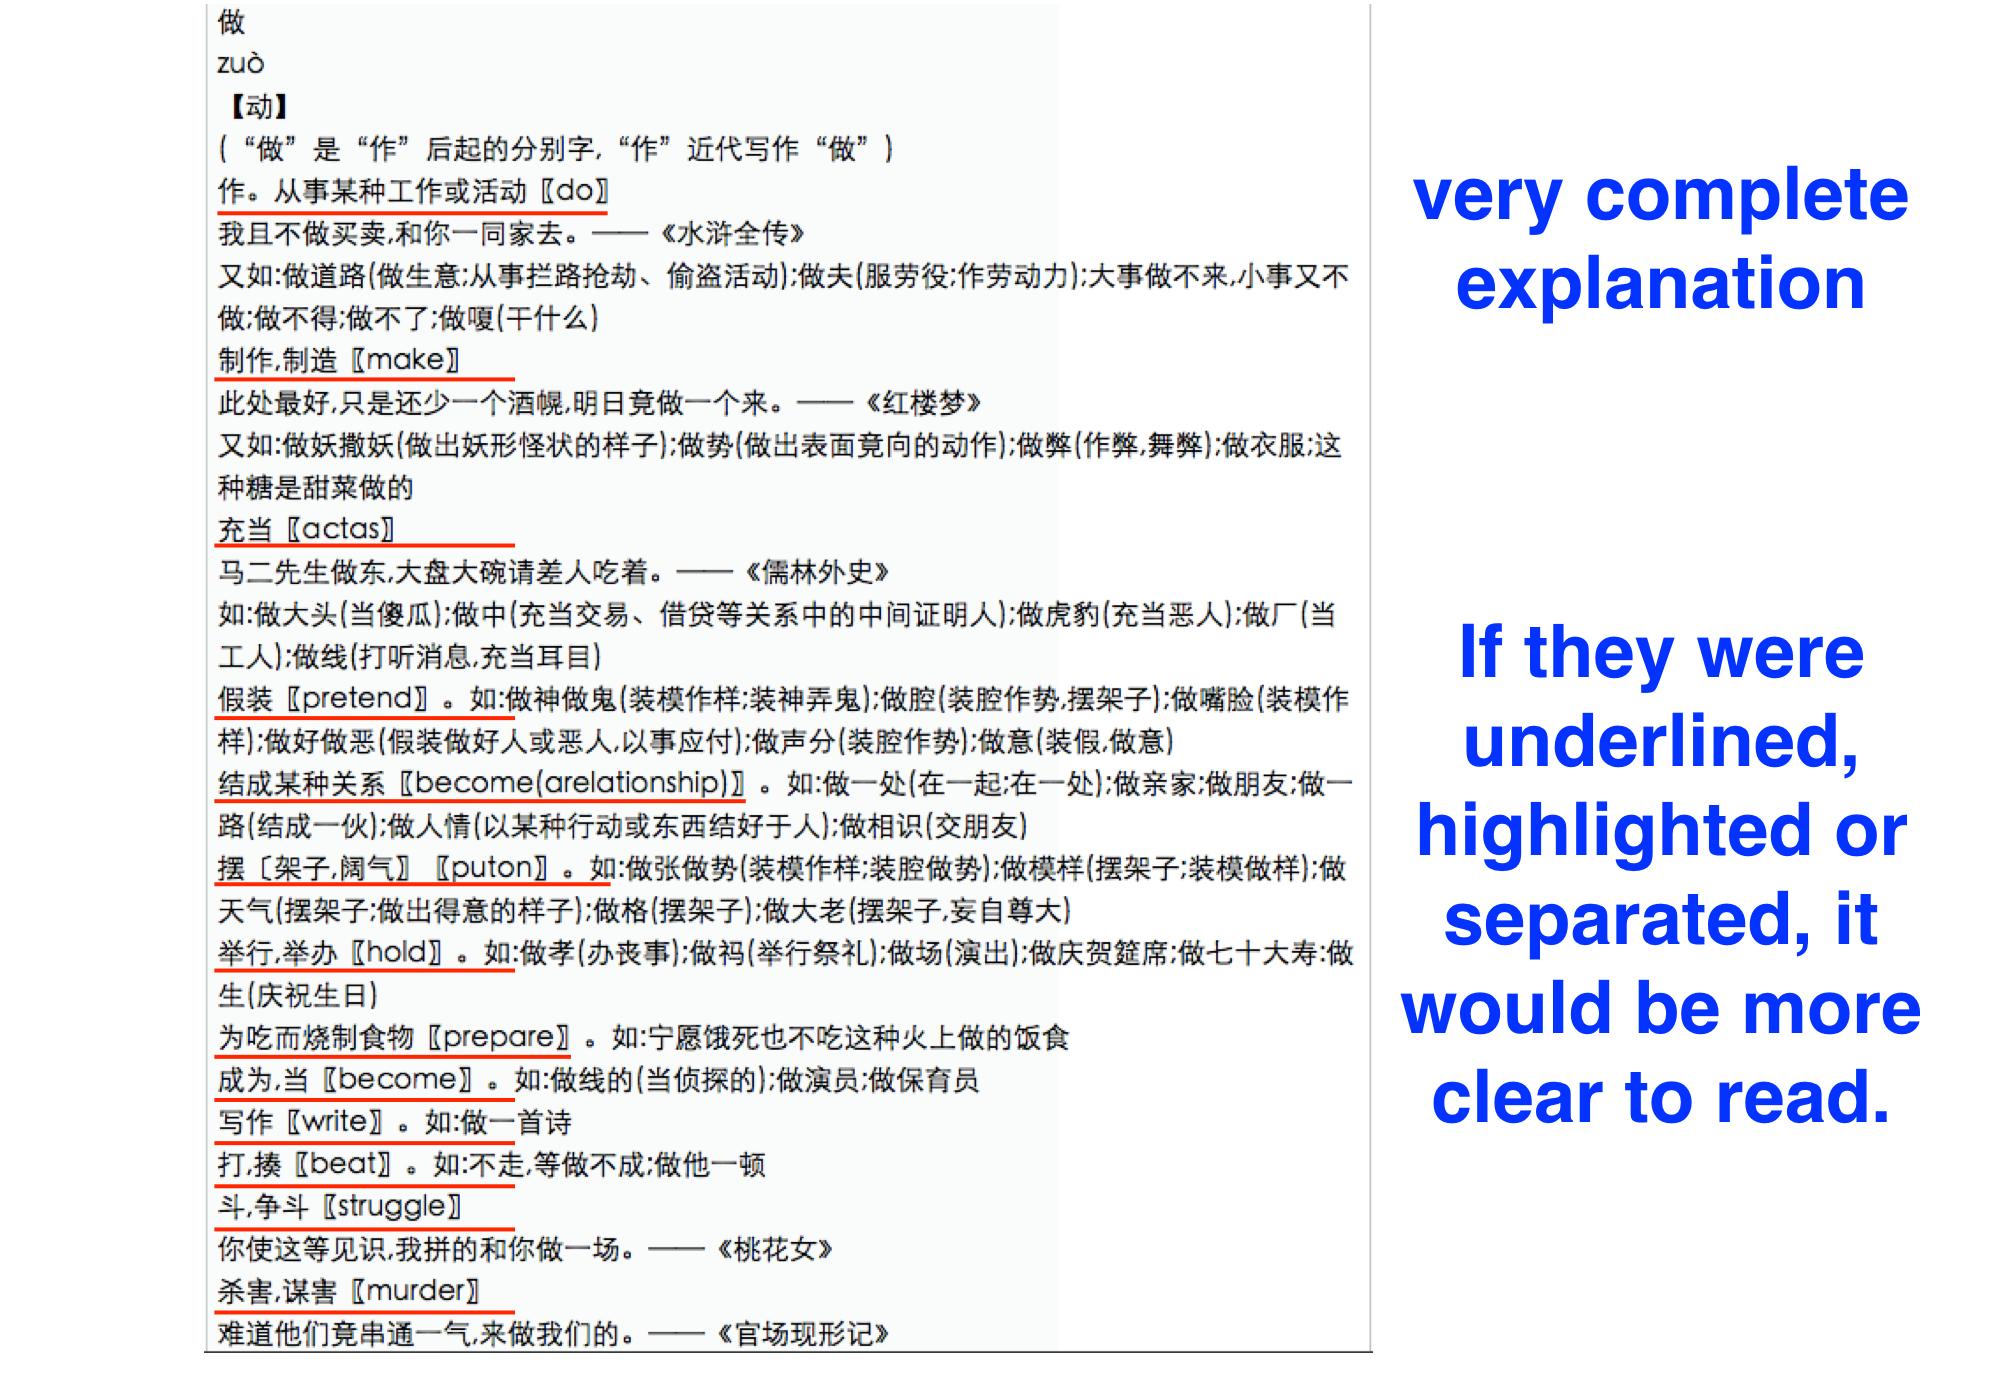 Chinese Dictionary, Han Yu Da Ci Dian